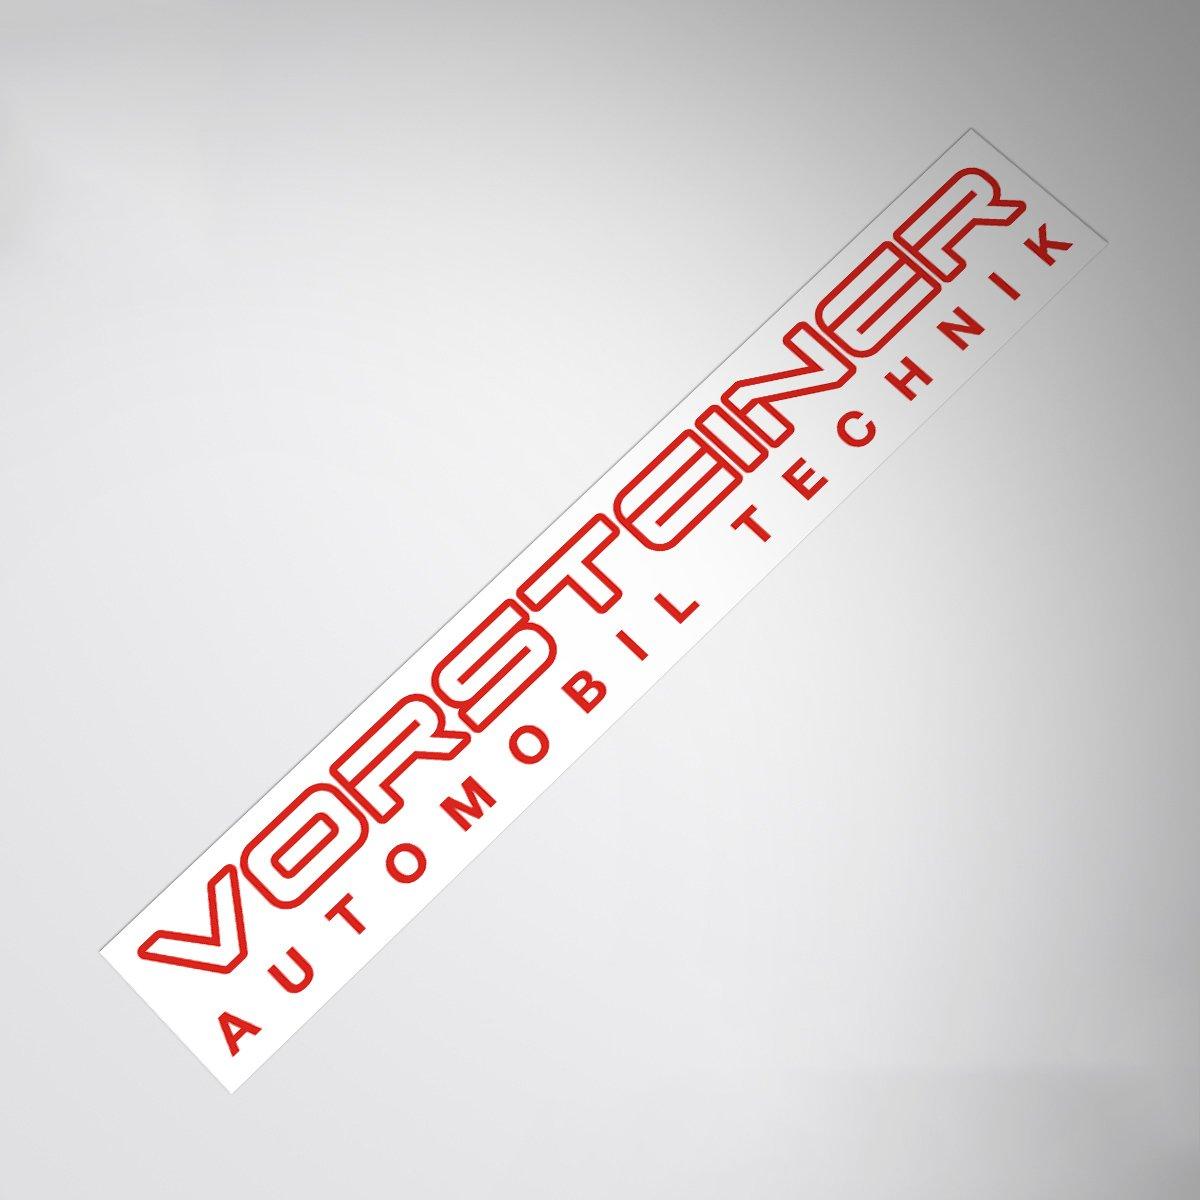 Demupai Windshield Banner Decal Vinyl Car Stickers for Vorsteiner Refitting Vehicle Black Letter